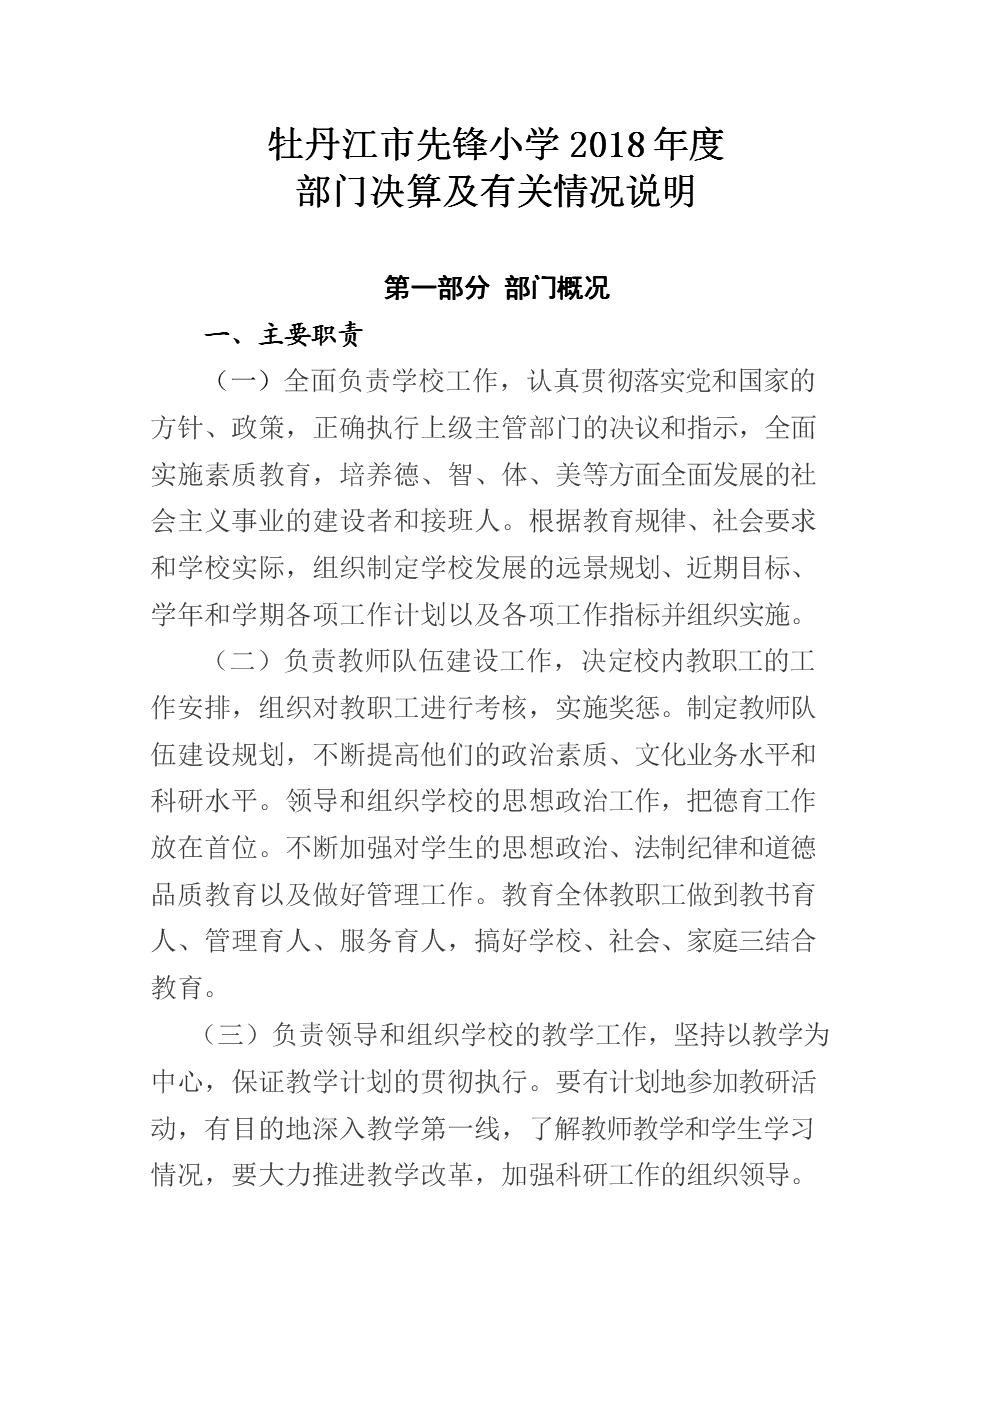 牡丹江市先锋小学2018年度部门决算及有关情况说明.doc